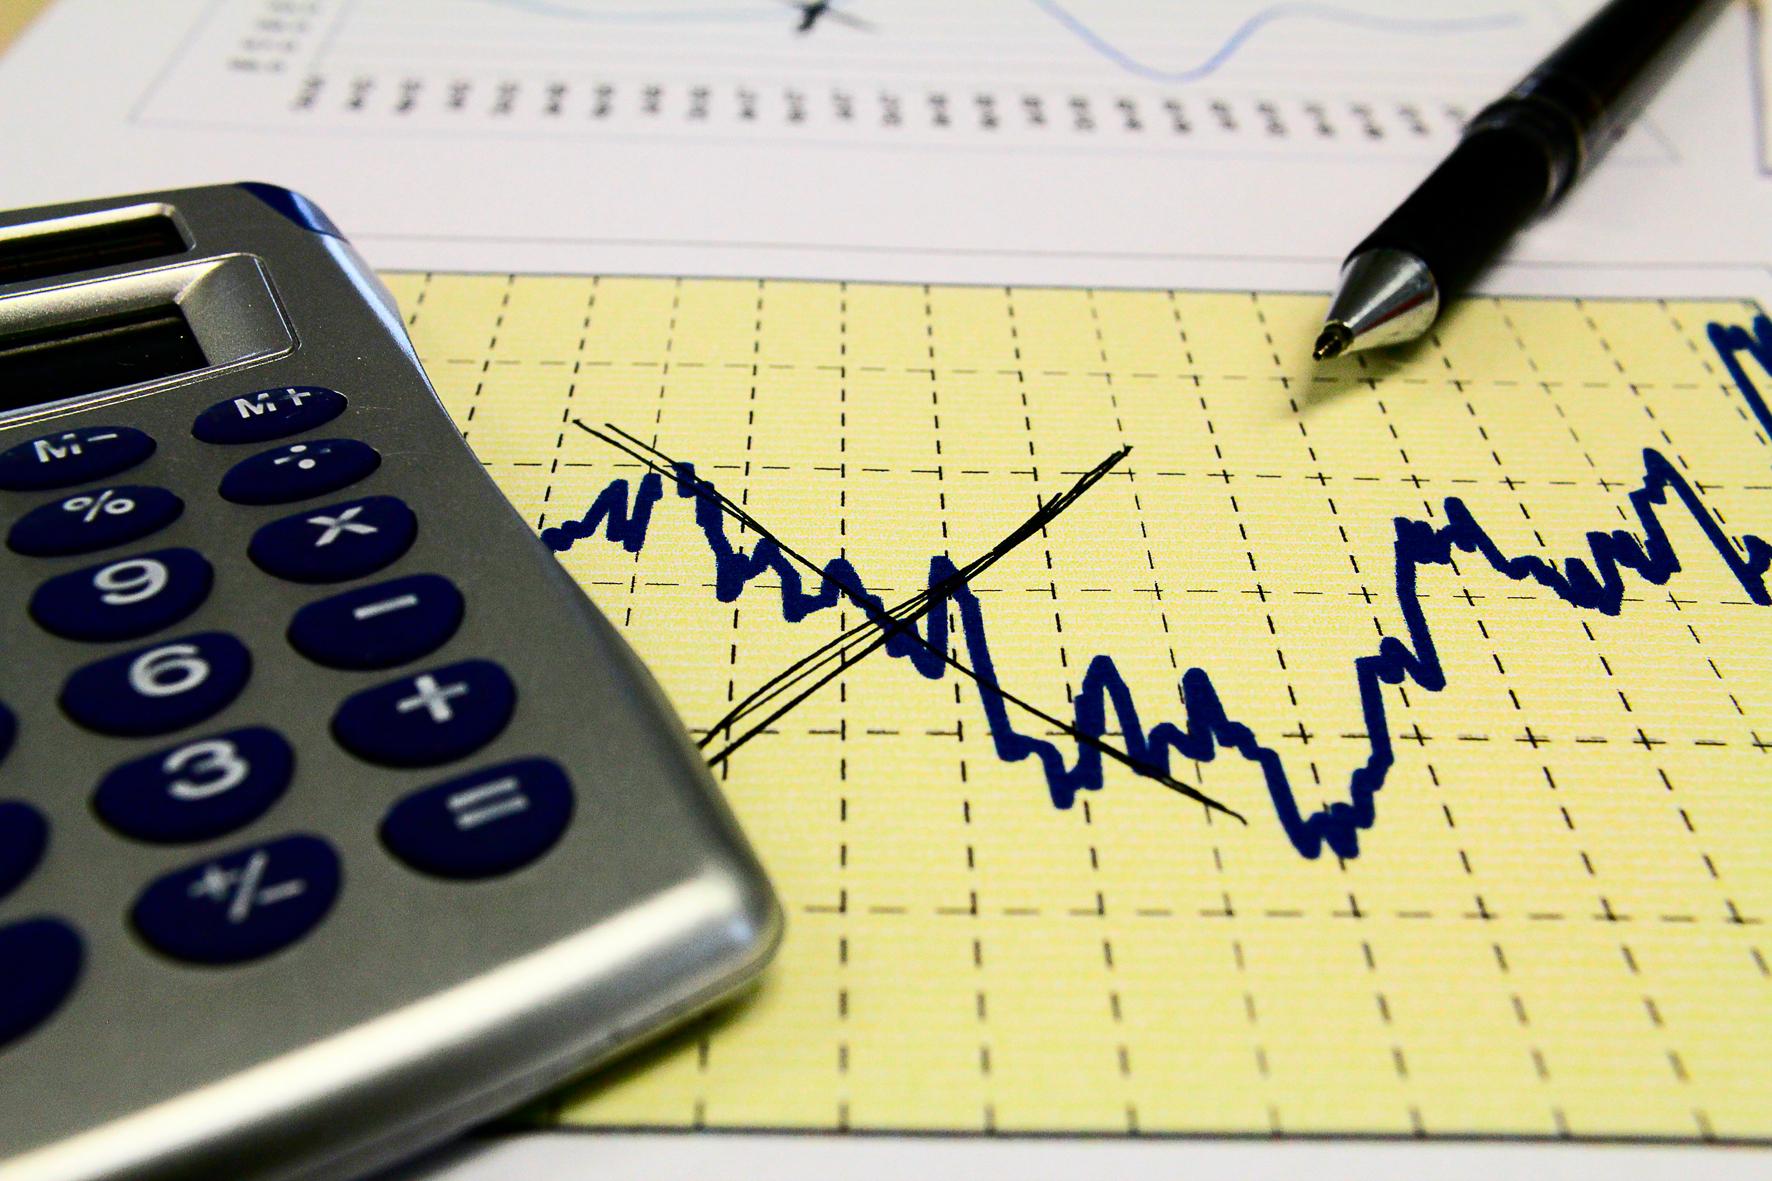 Economia - Geral - índices superavit recursos verbas inflação orçamento